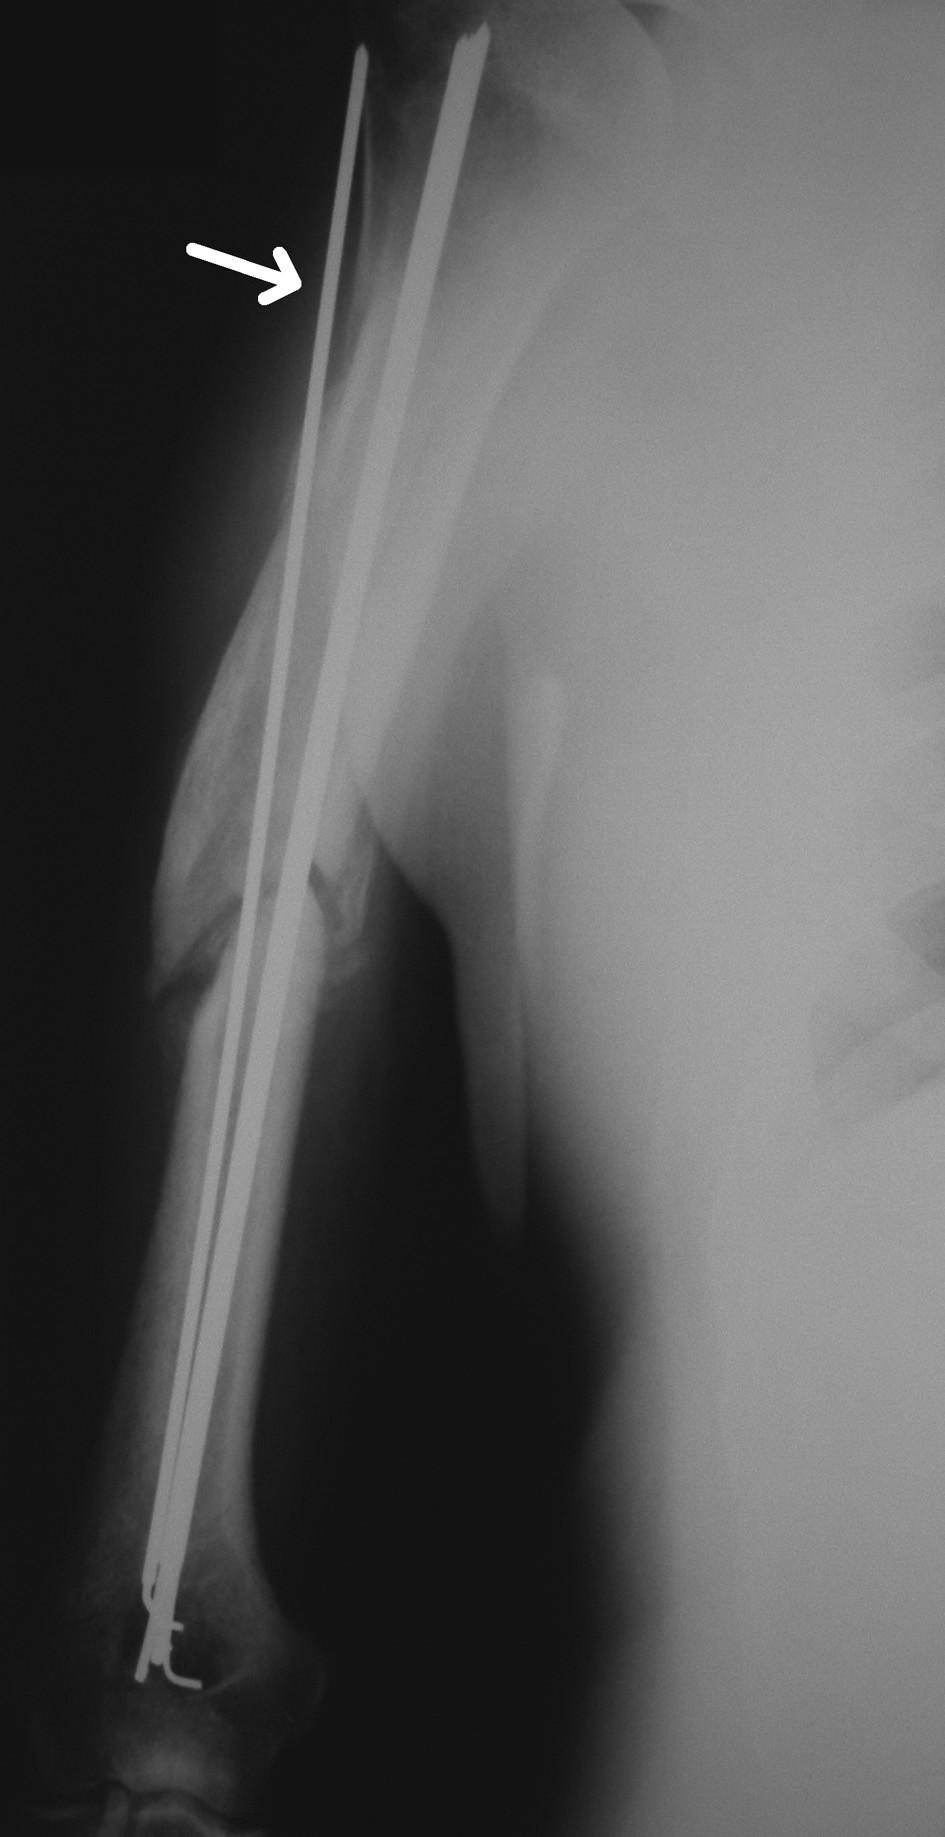 RTG snímek hypertrofického pakloubu diafýzy humeru při nitrodřeňové osteosyntéze podle Hackethala. Kirschnerův drát zavedený mimo dřeňovou dutinu označen šipkou Fig. 1. X-ray picture of hypertrophic nonunion of the humeral shaft with intramedullar osteosynthesis sec Hackethal. K-wire positioned extramedullary is marked with arrow